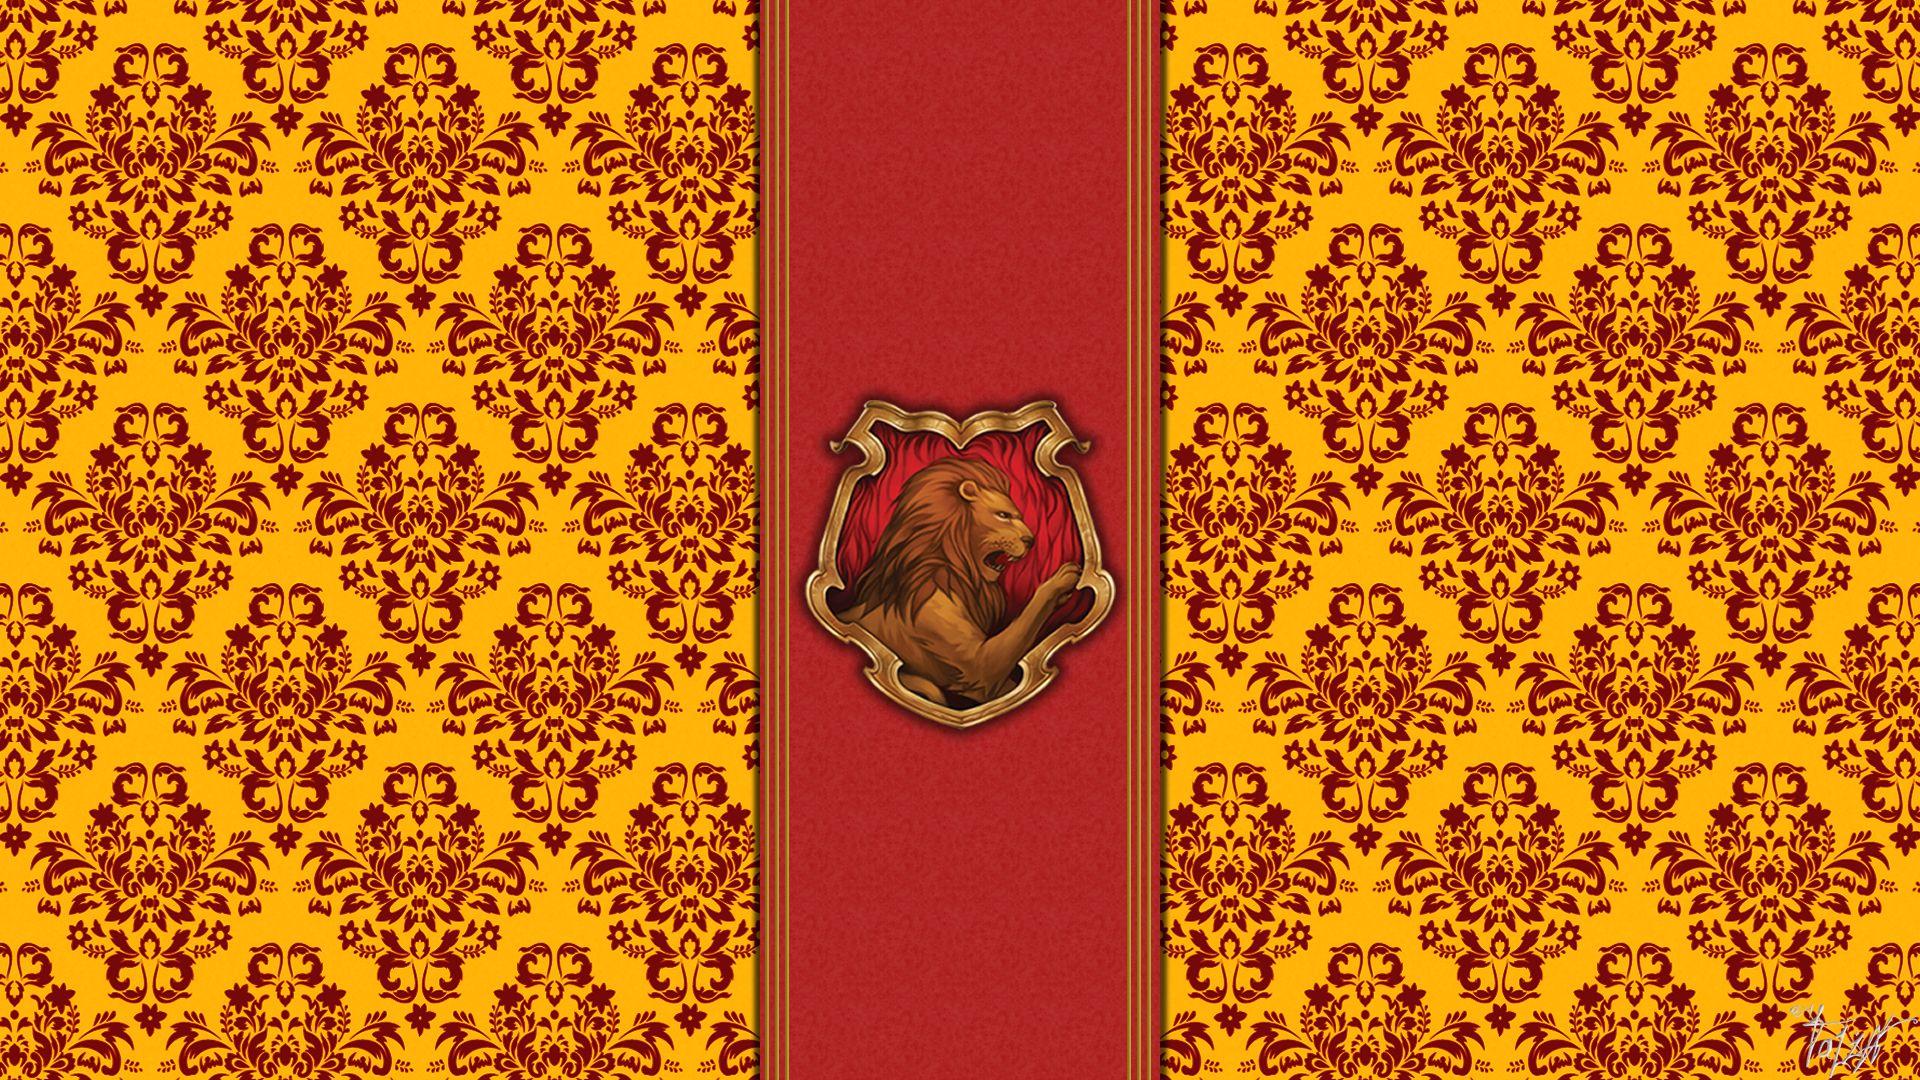 Desktop Wallpaper Gryffindor (With images) Harry potter